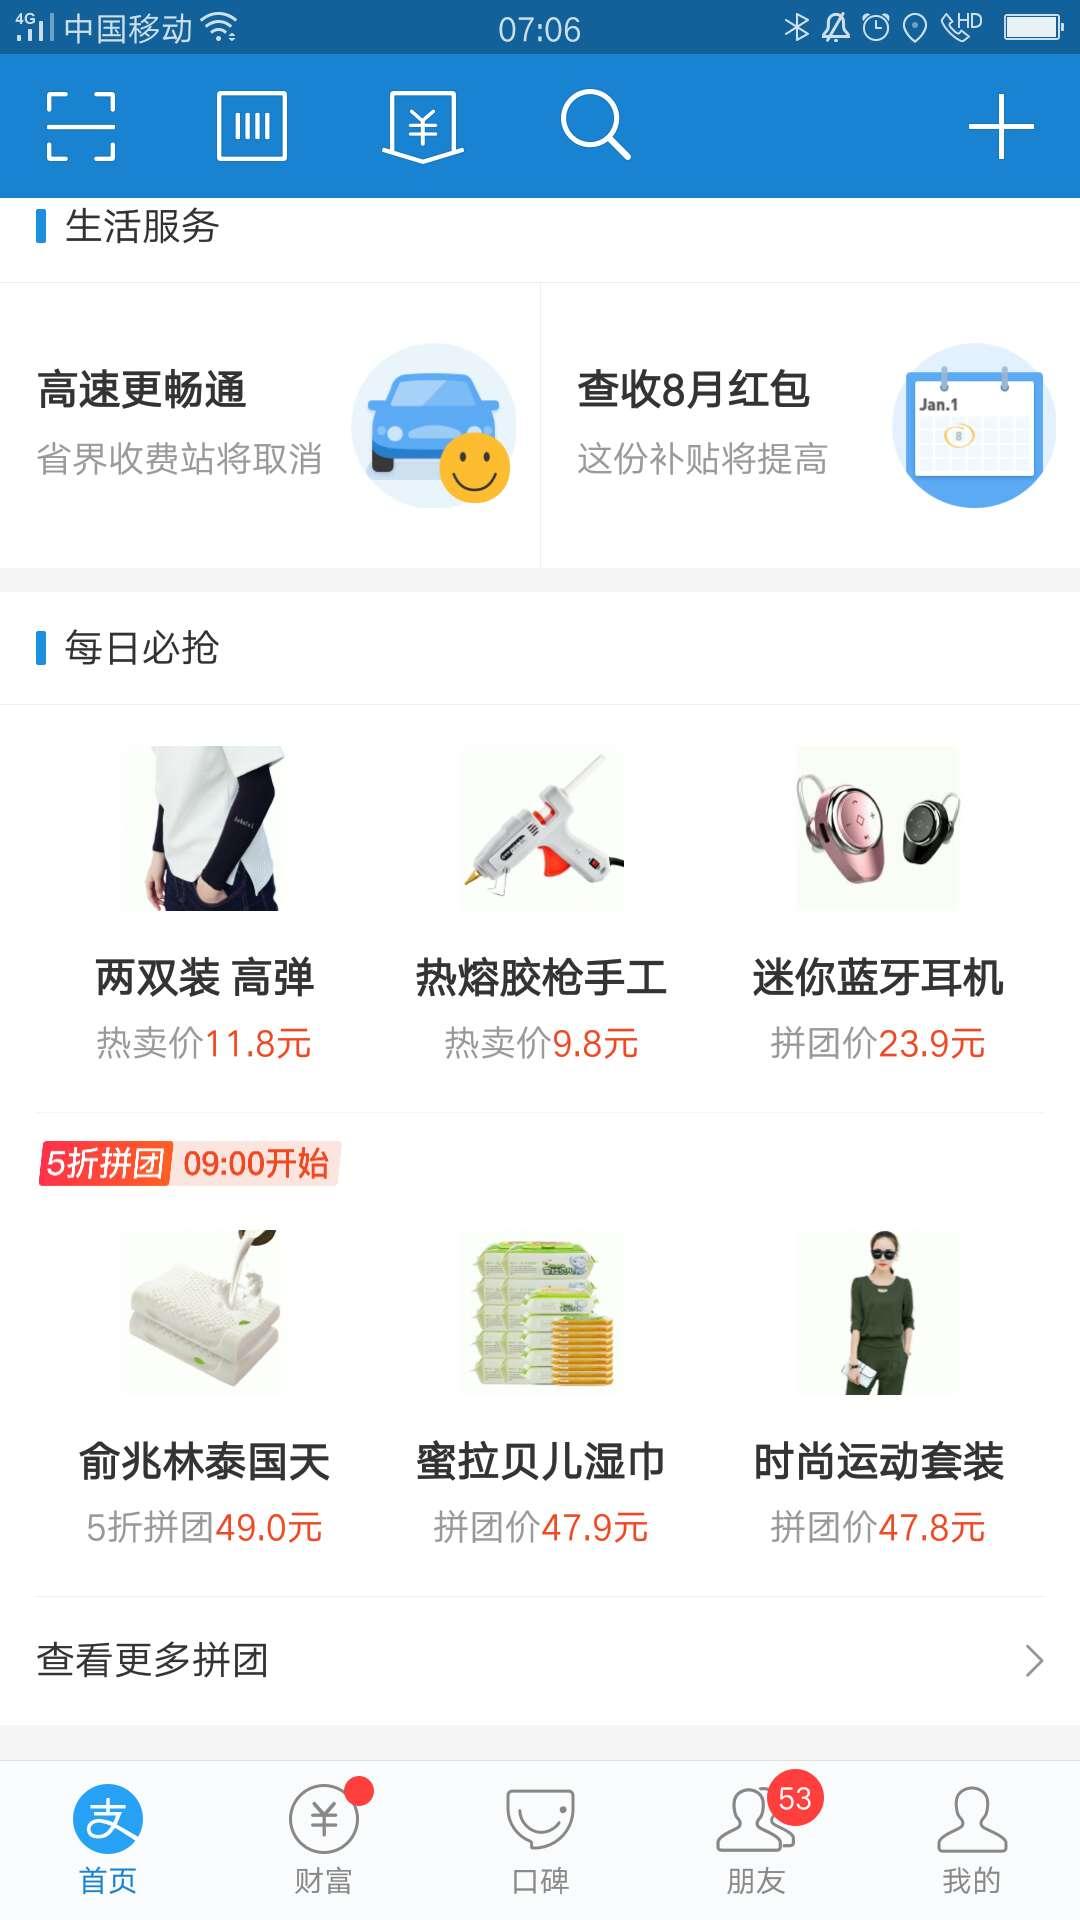 """""""拼多多效应""""来袭?支付宝、京东、网易纷纷推出拼团平台的照片 - 2"""